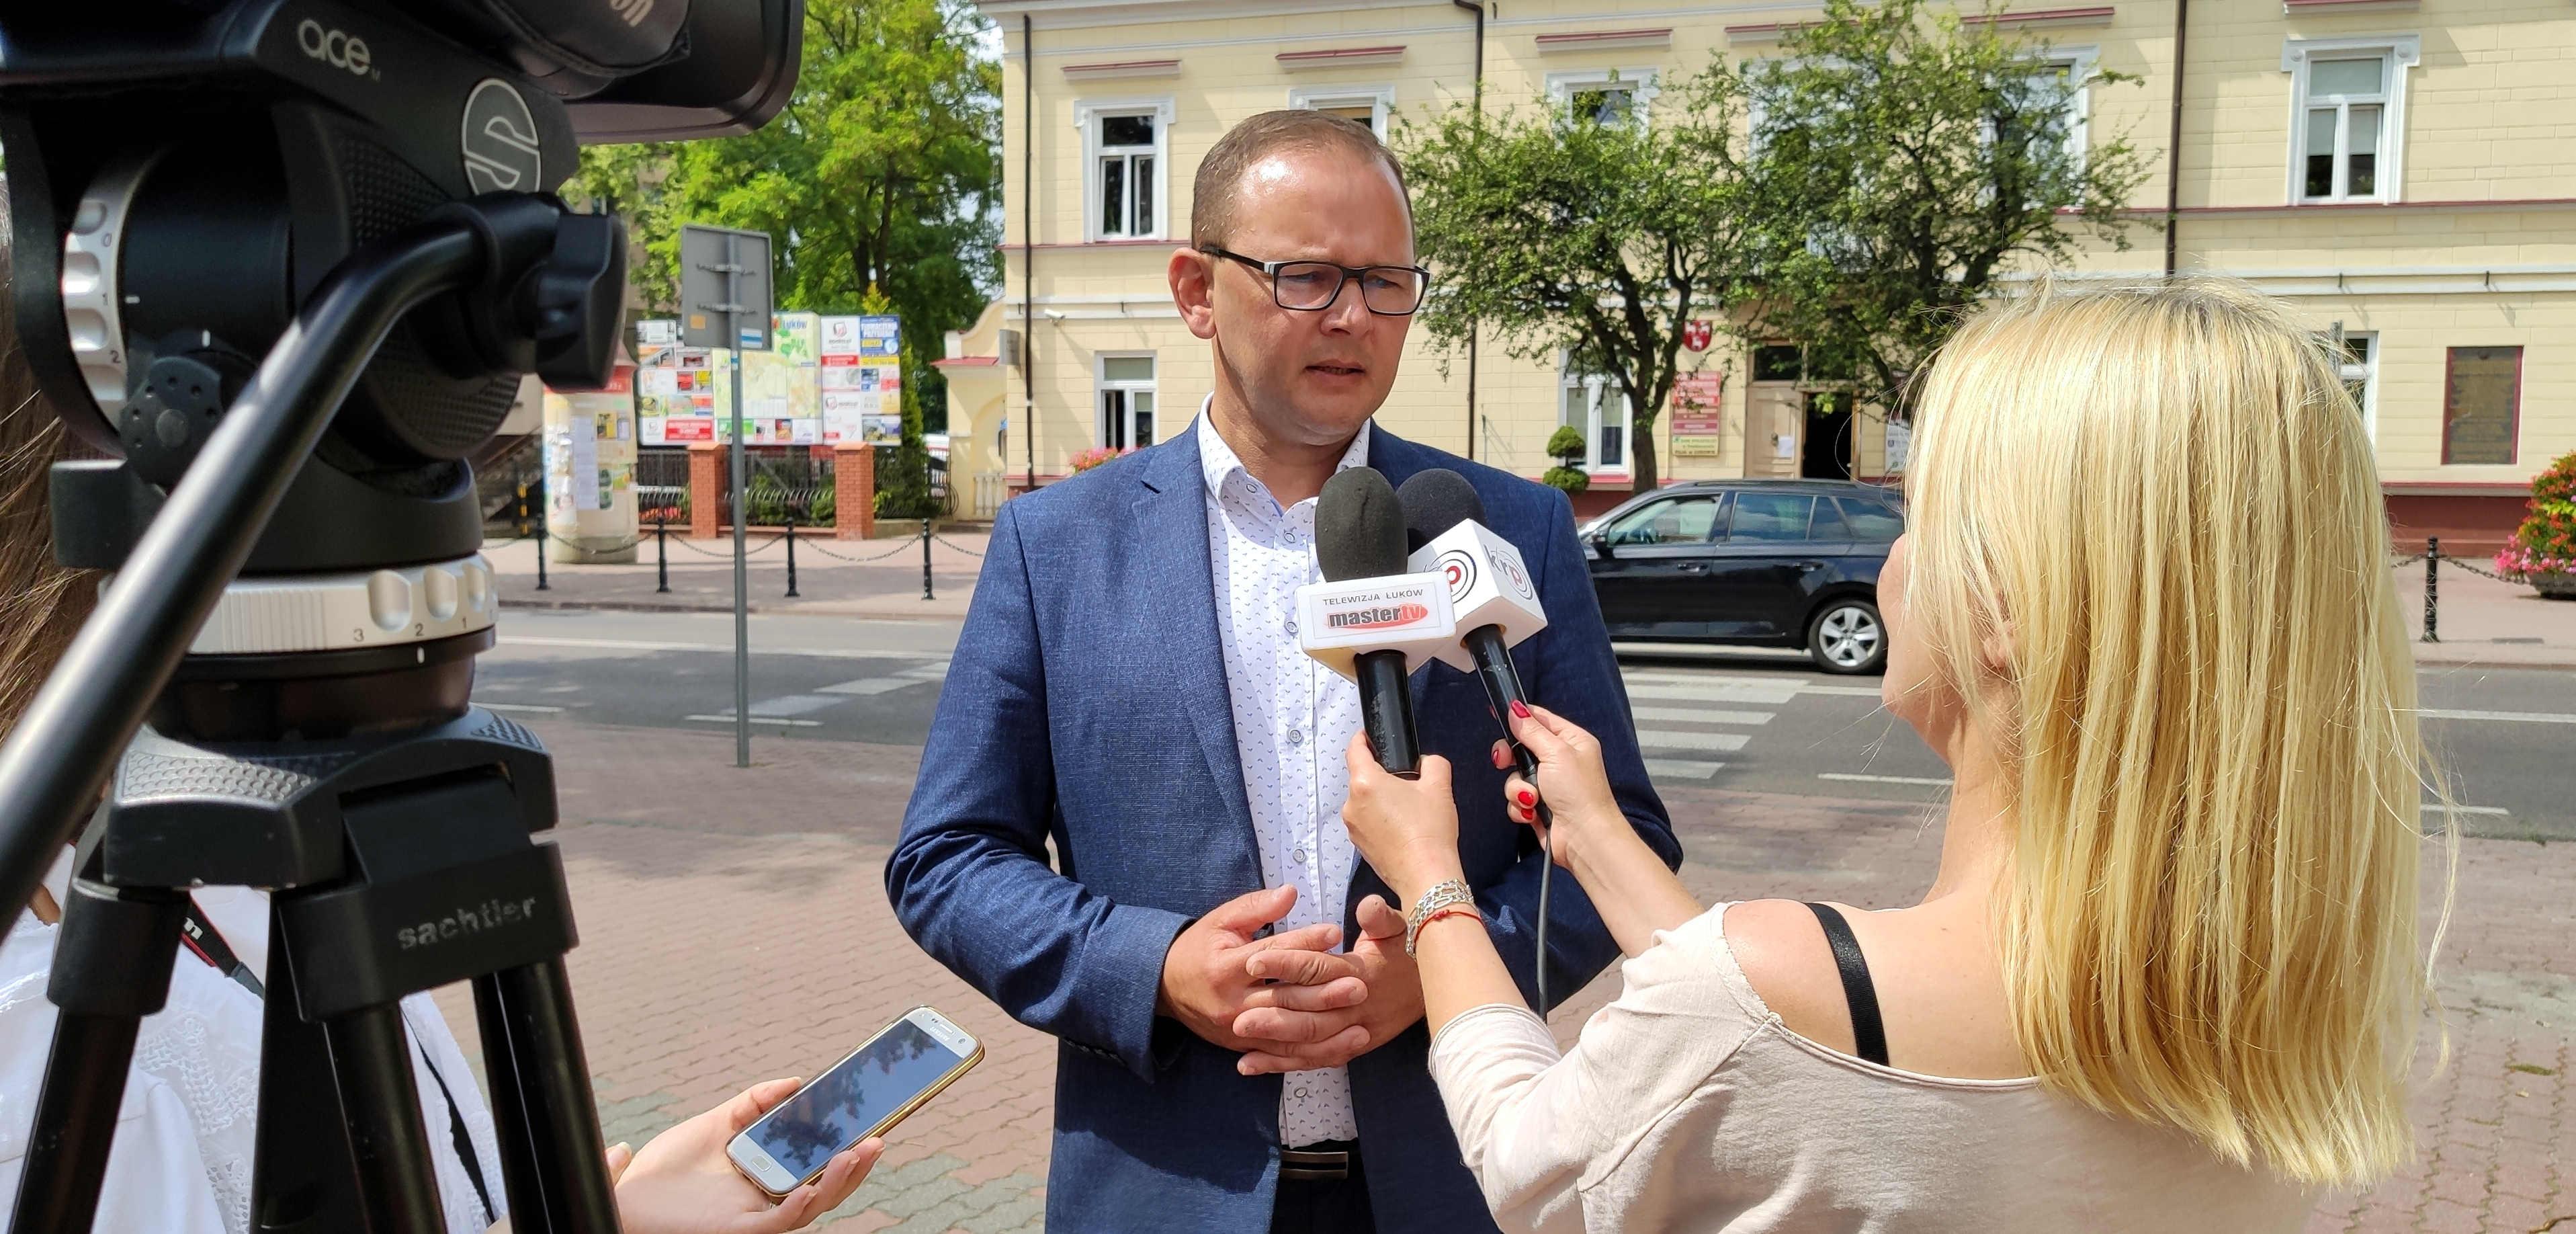 Dwa lata Piotra Płudowskiego. Burmistrz, który potrzebuje spokoju - Zdjęcie główne